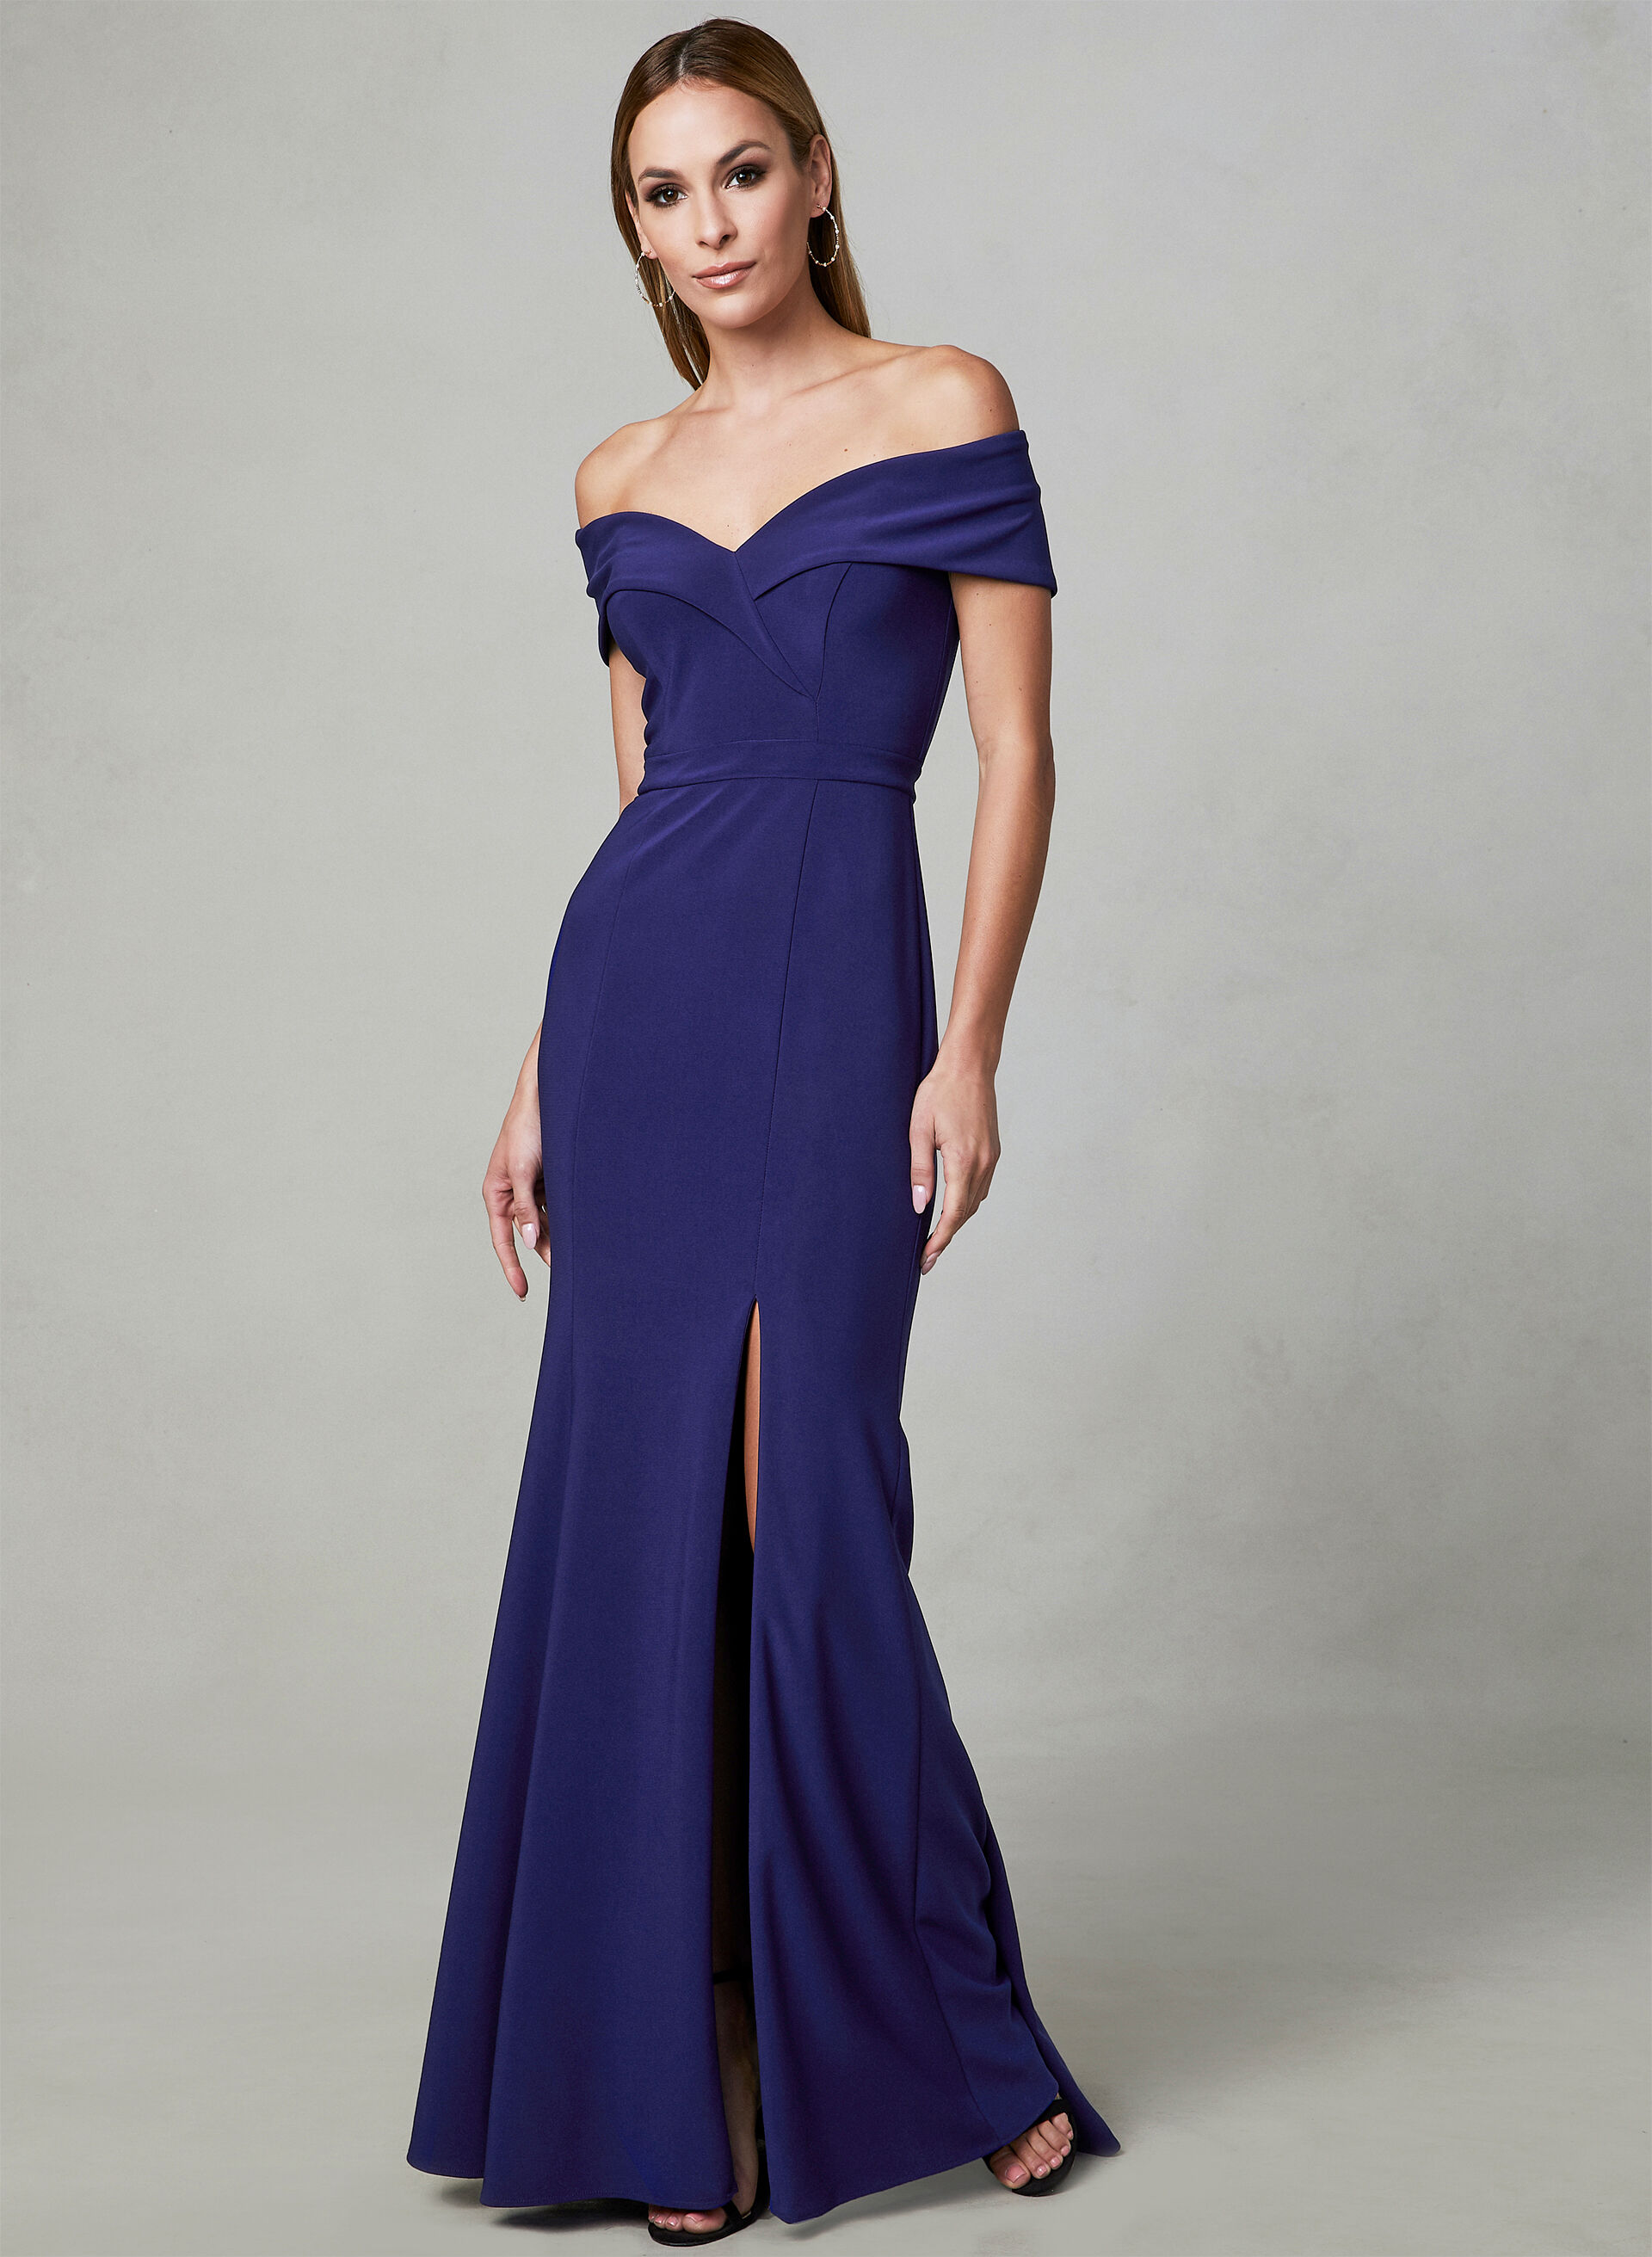 Long One Shoulder Dress